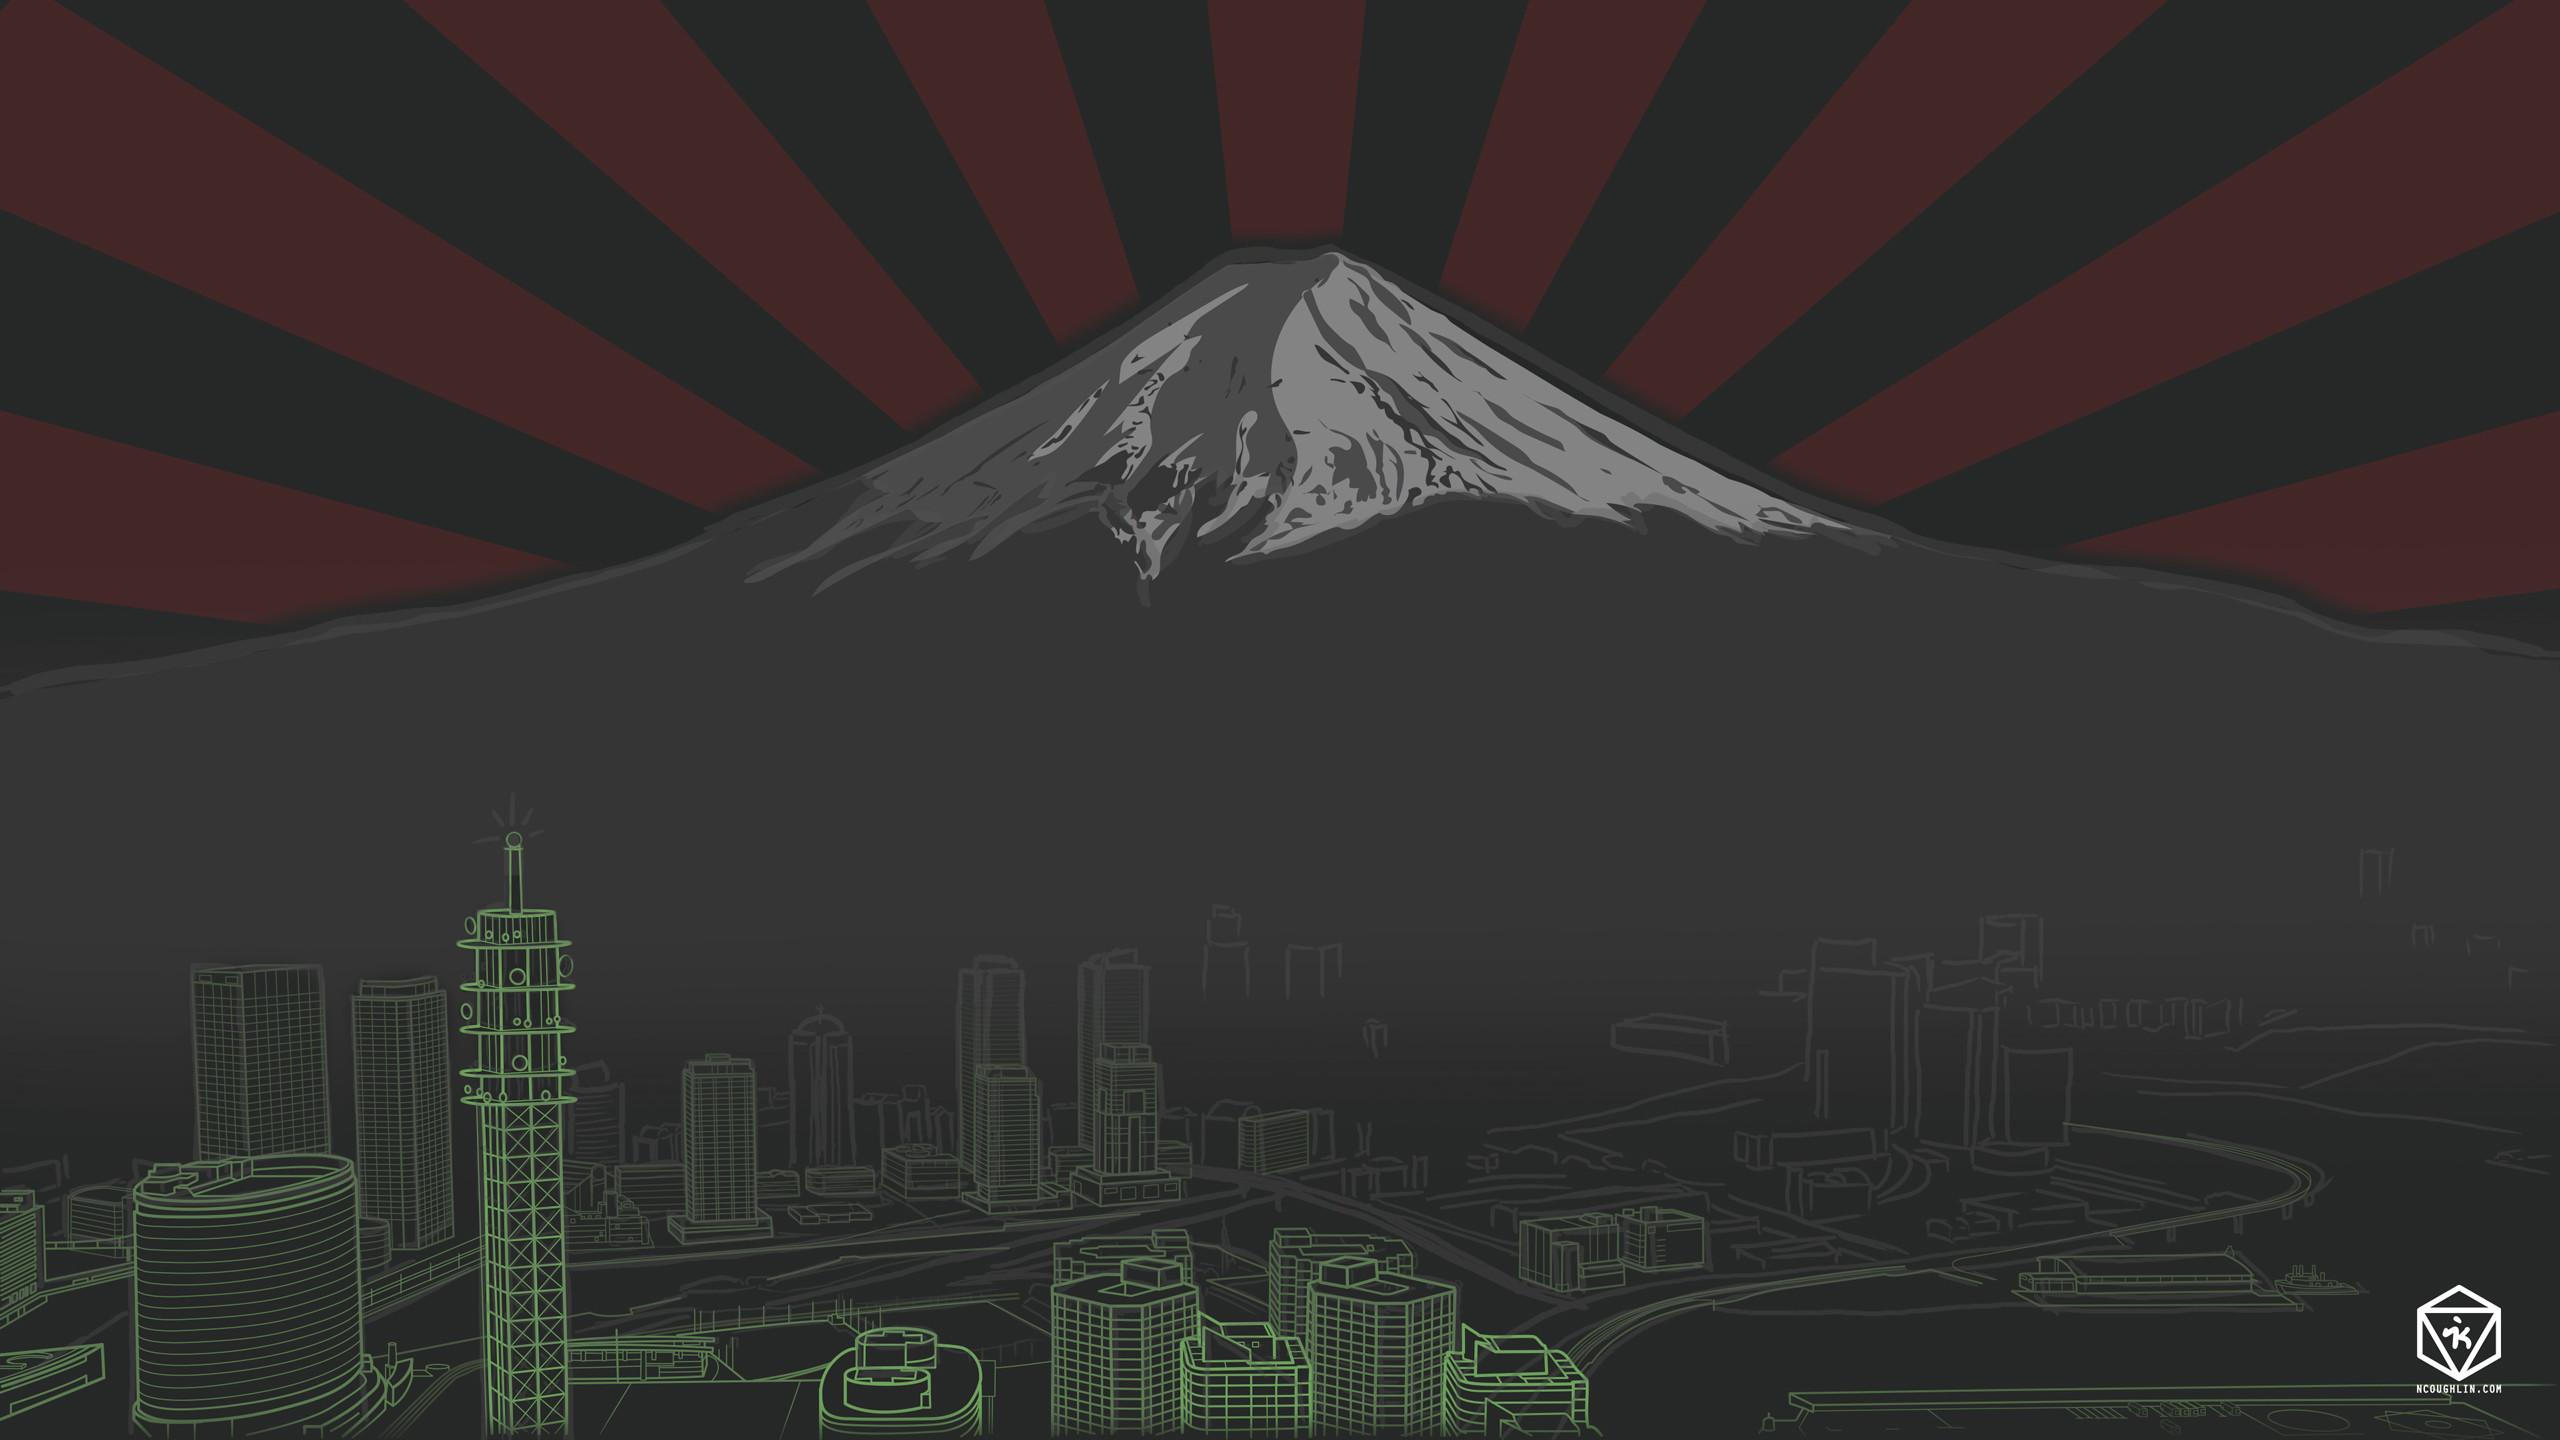 Res: 2560x1440, DOWNLOAD HD Wallpaper – Mt. Fuji (2560 x 1440)